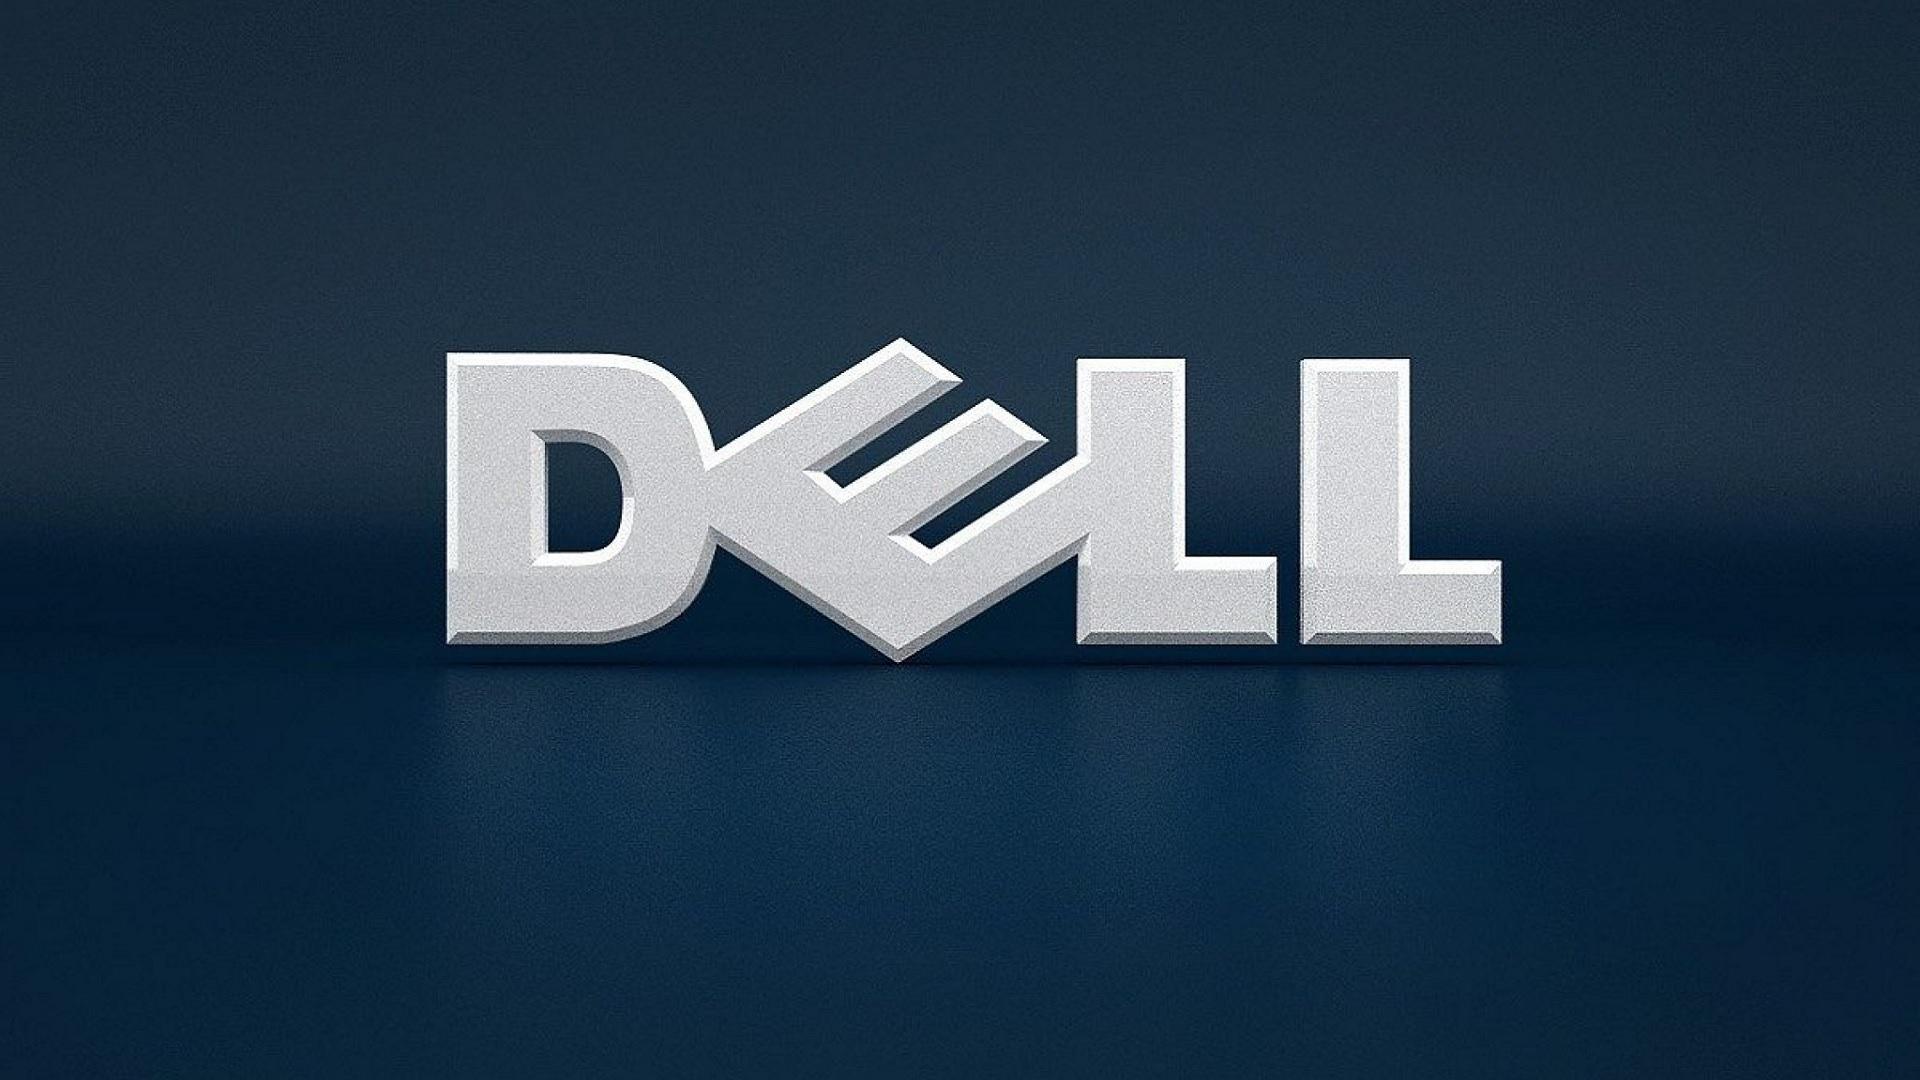 世界著名品牌电脑logo高清电脑壁纸(10张)(2)